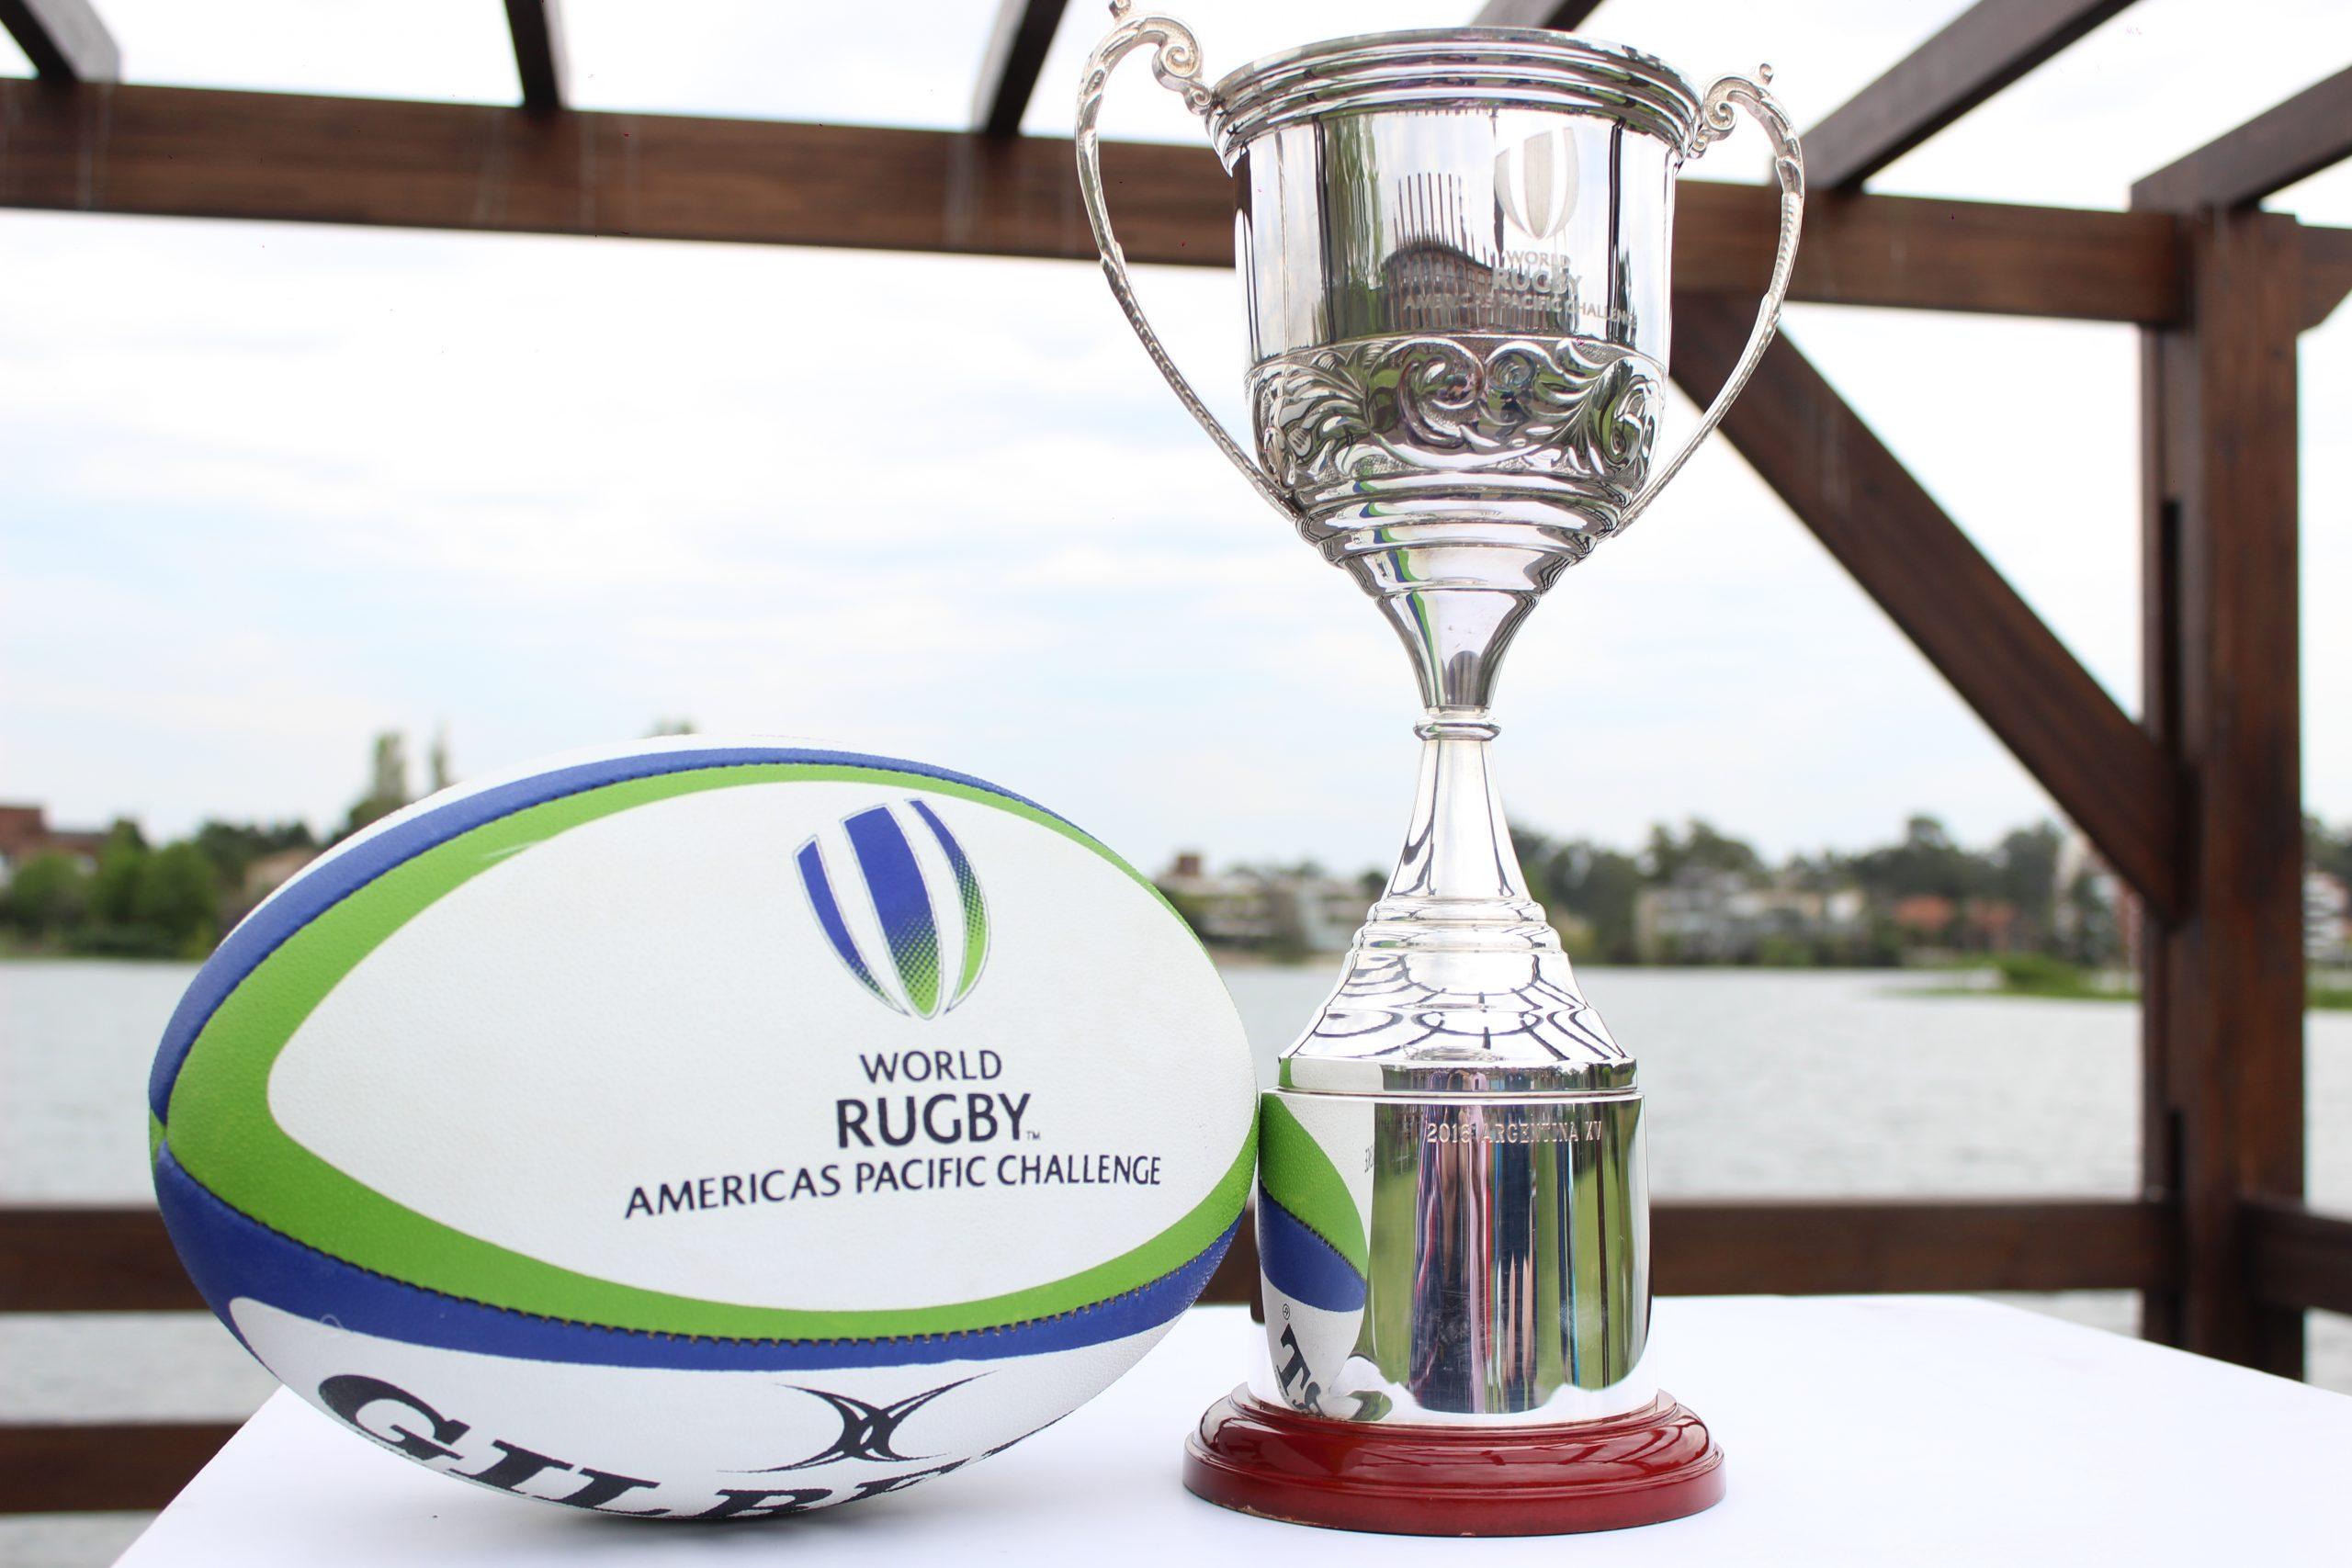 Tupis se preparam para o Americas Pacific Challenge e conhecem tabela do torneio